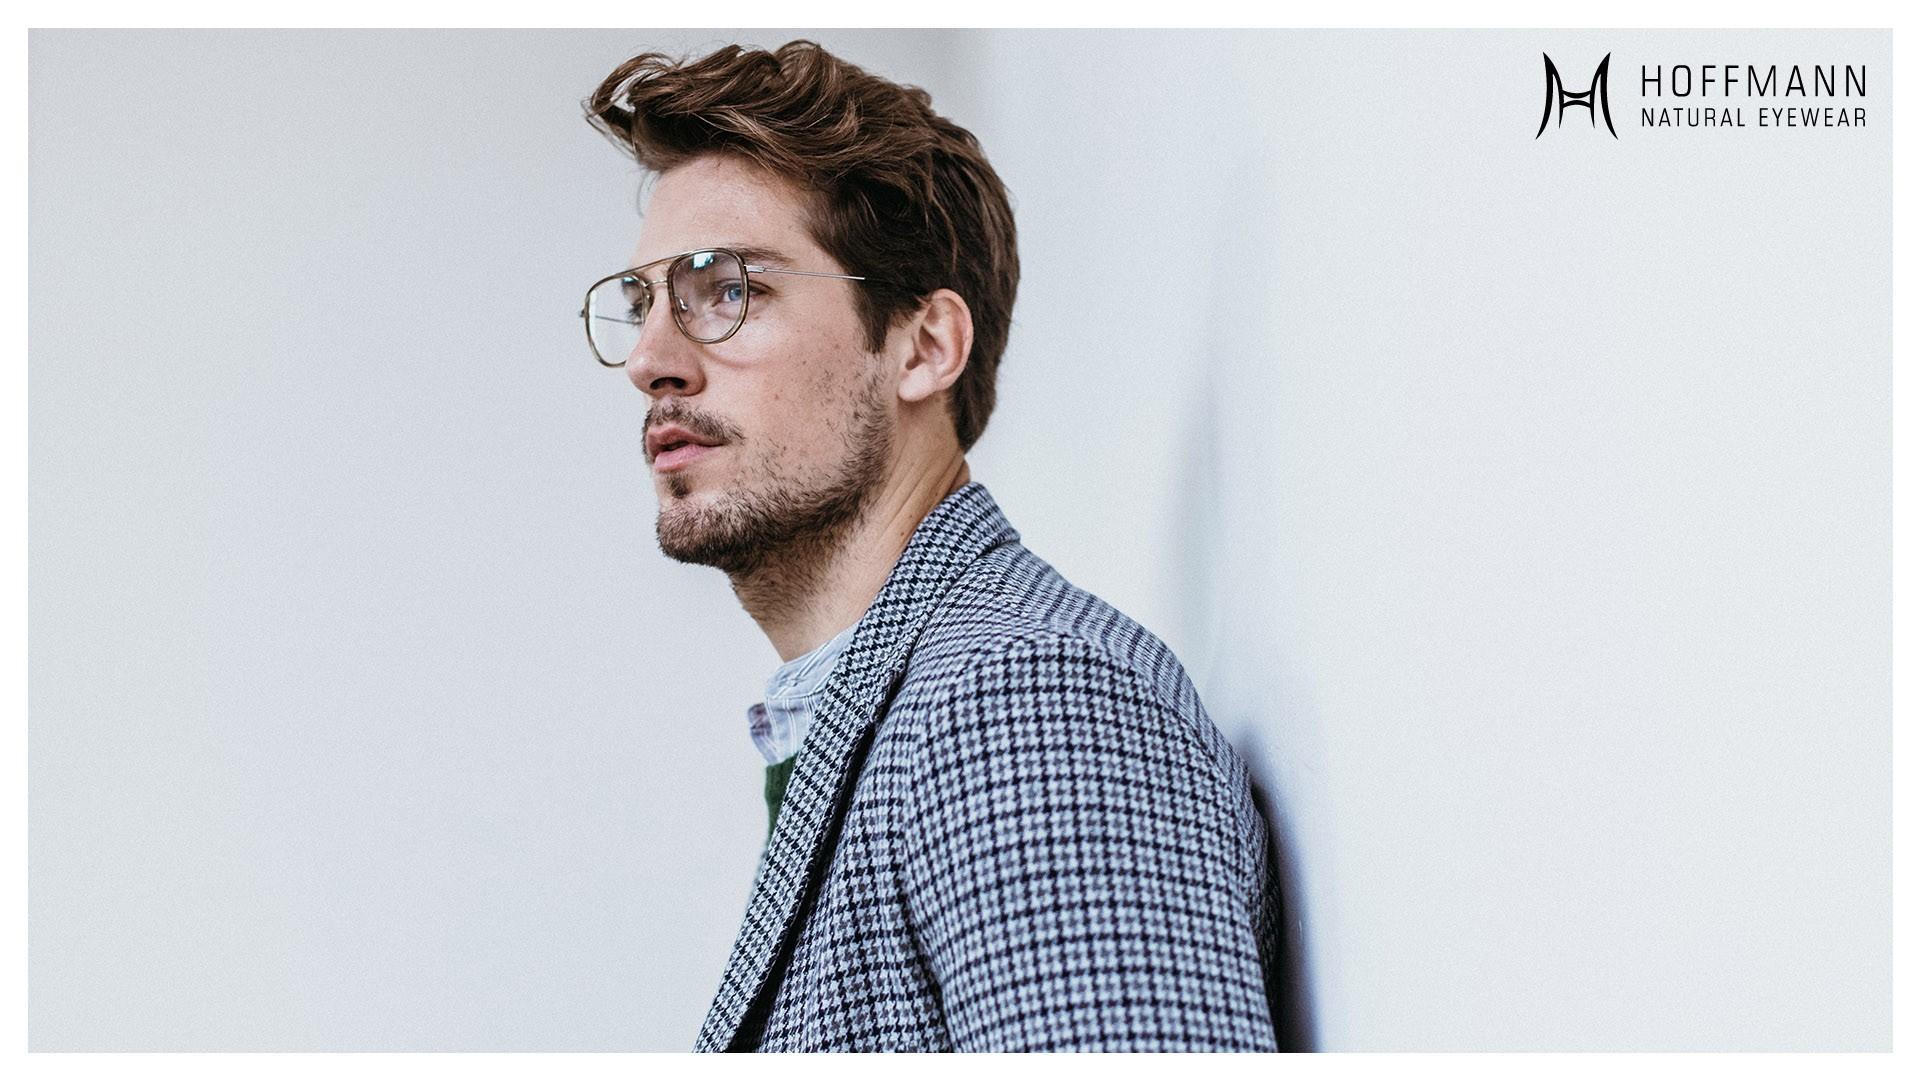 Seitliche Aufnahme von einem Male Model mit braunen Haaren und Bart, das eine Korrekturbrille von Hoffmann Natural Eyewear trägt.